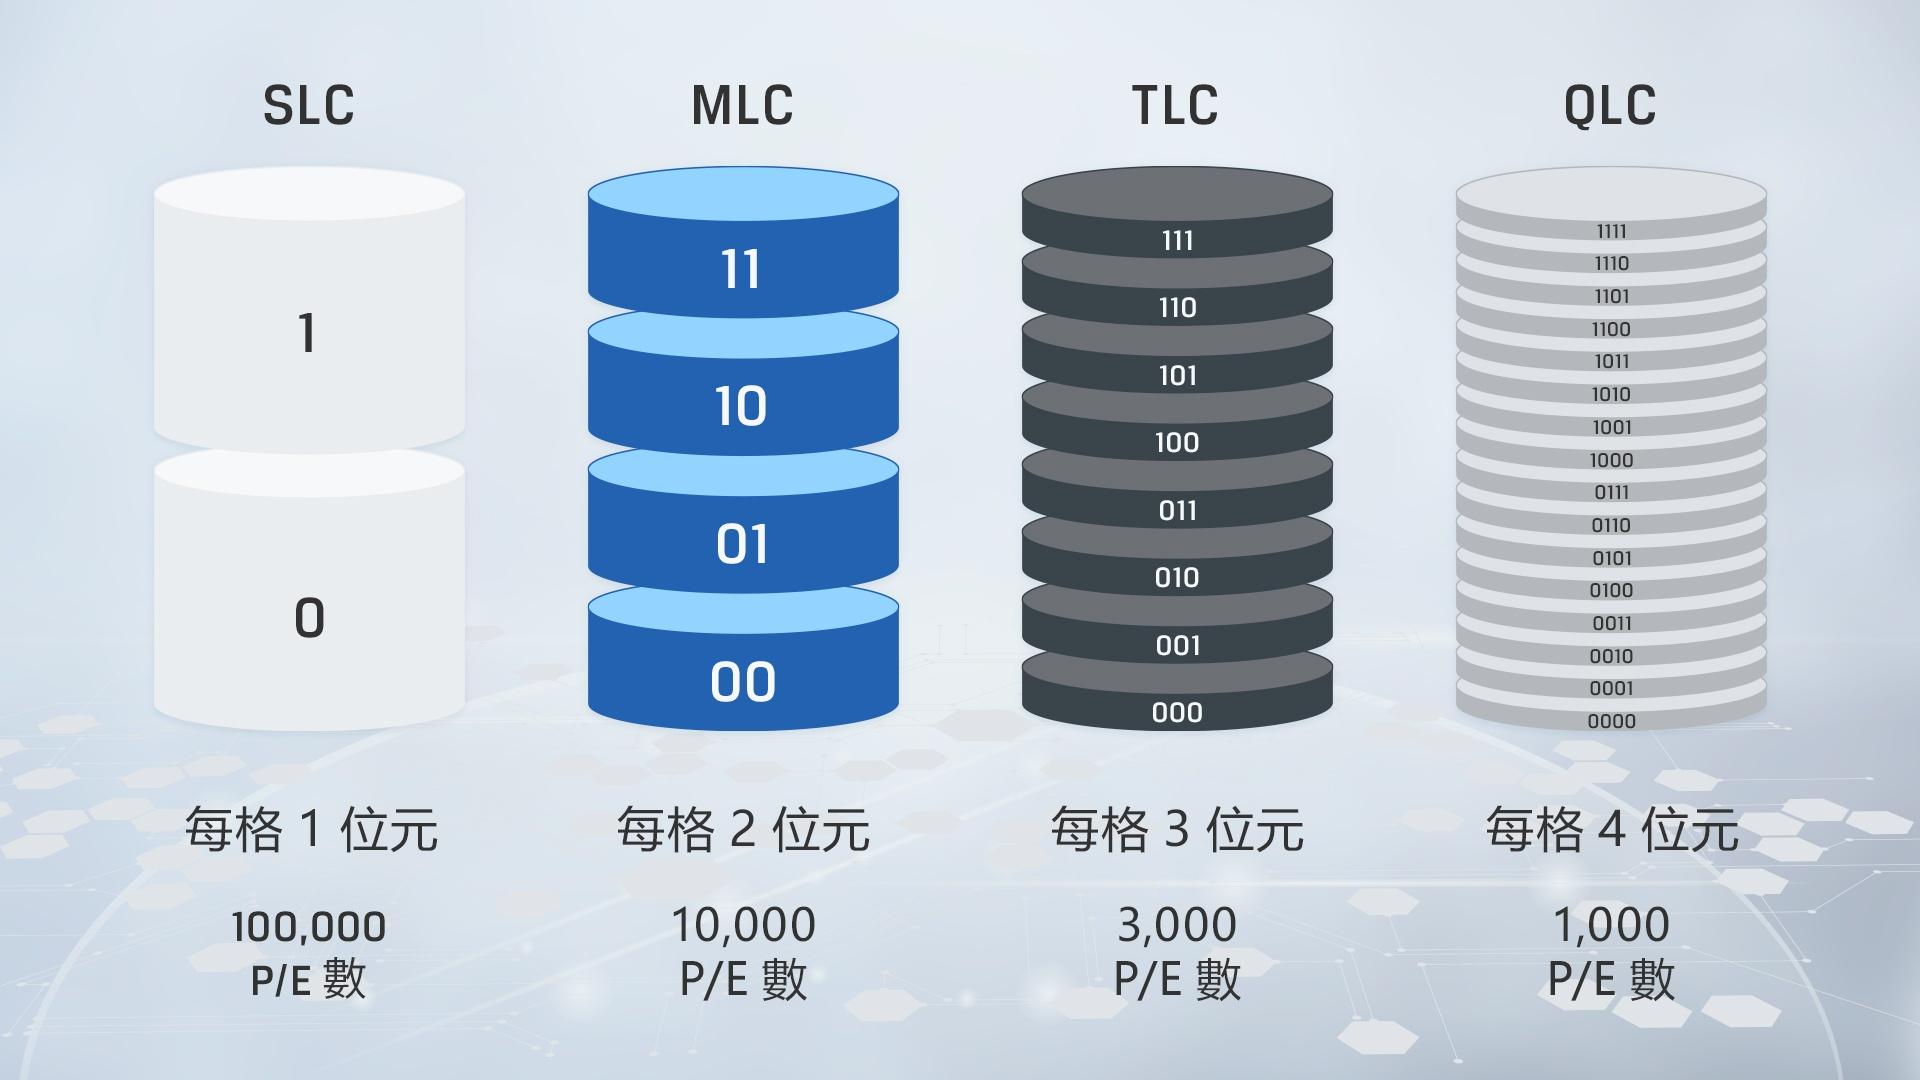 圖表顯示各種類型 NAND 的主要差異